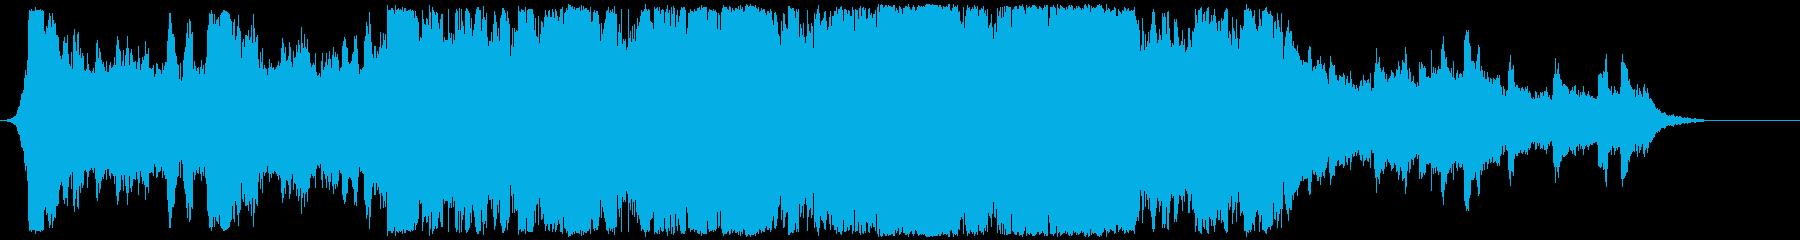 ハリウッド映画風の壮大なオーケストラ3の再生済みの波形